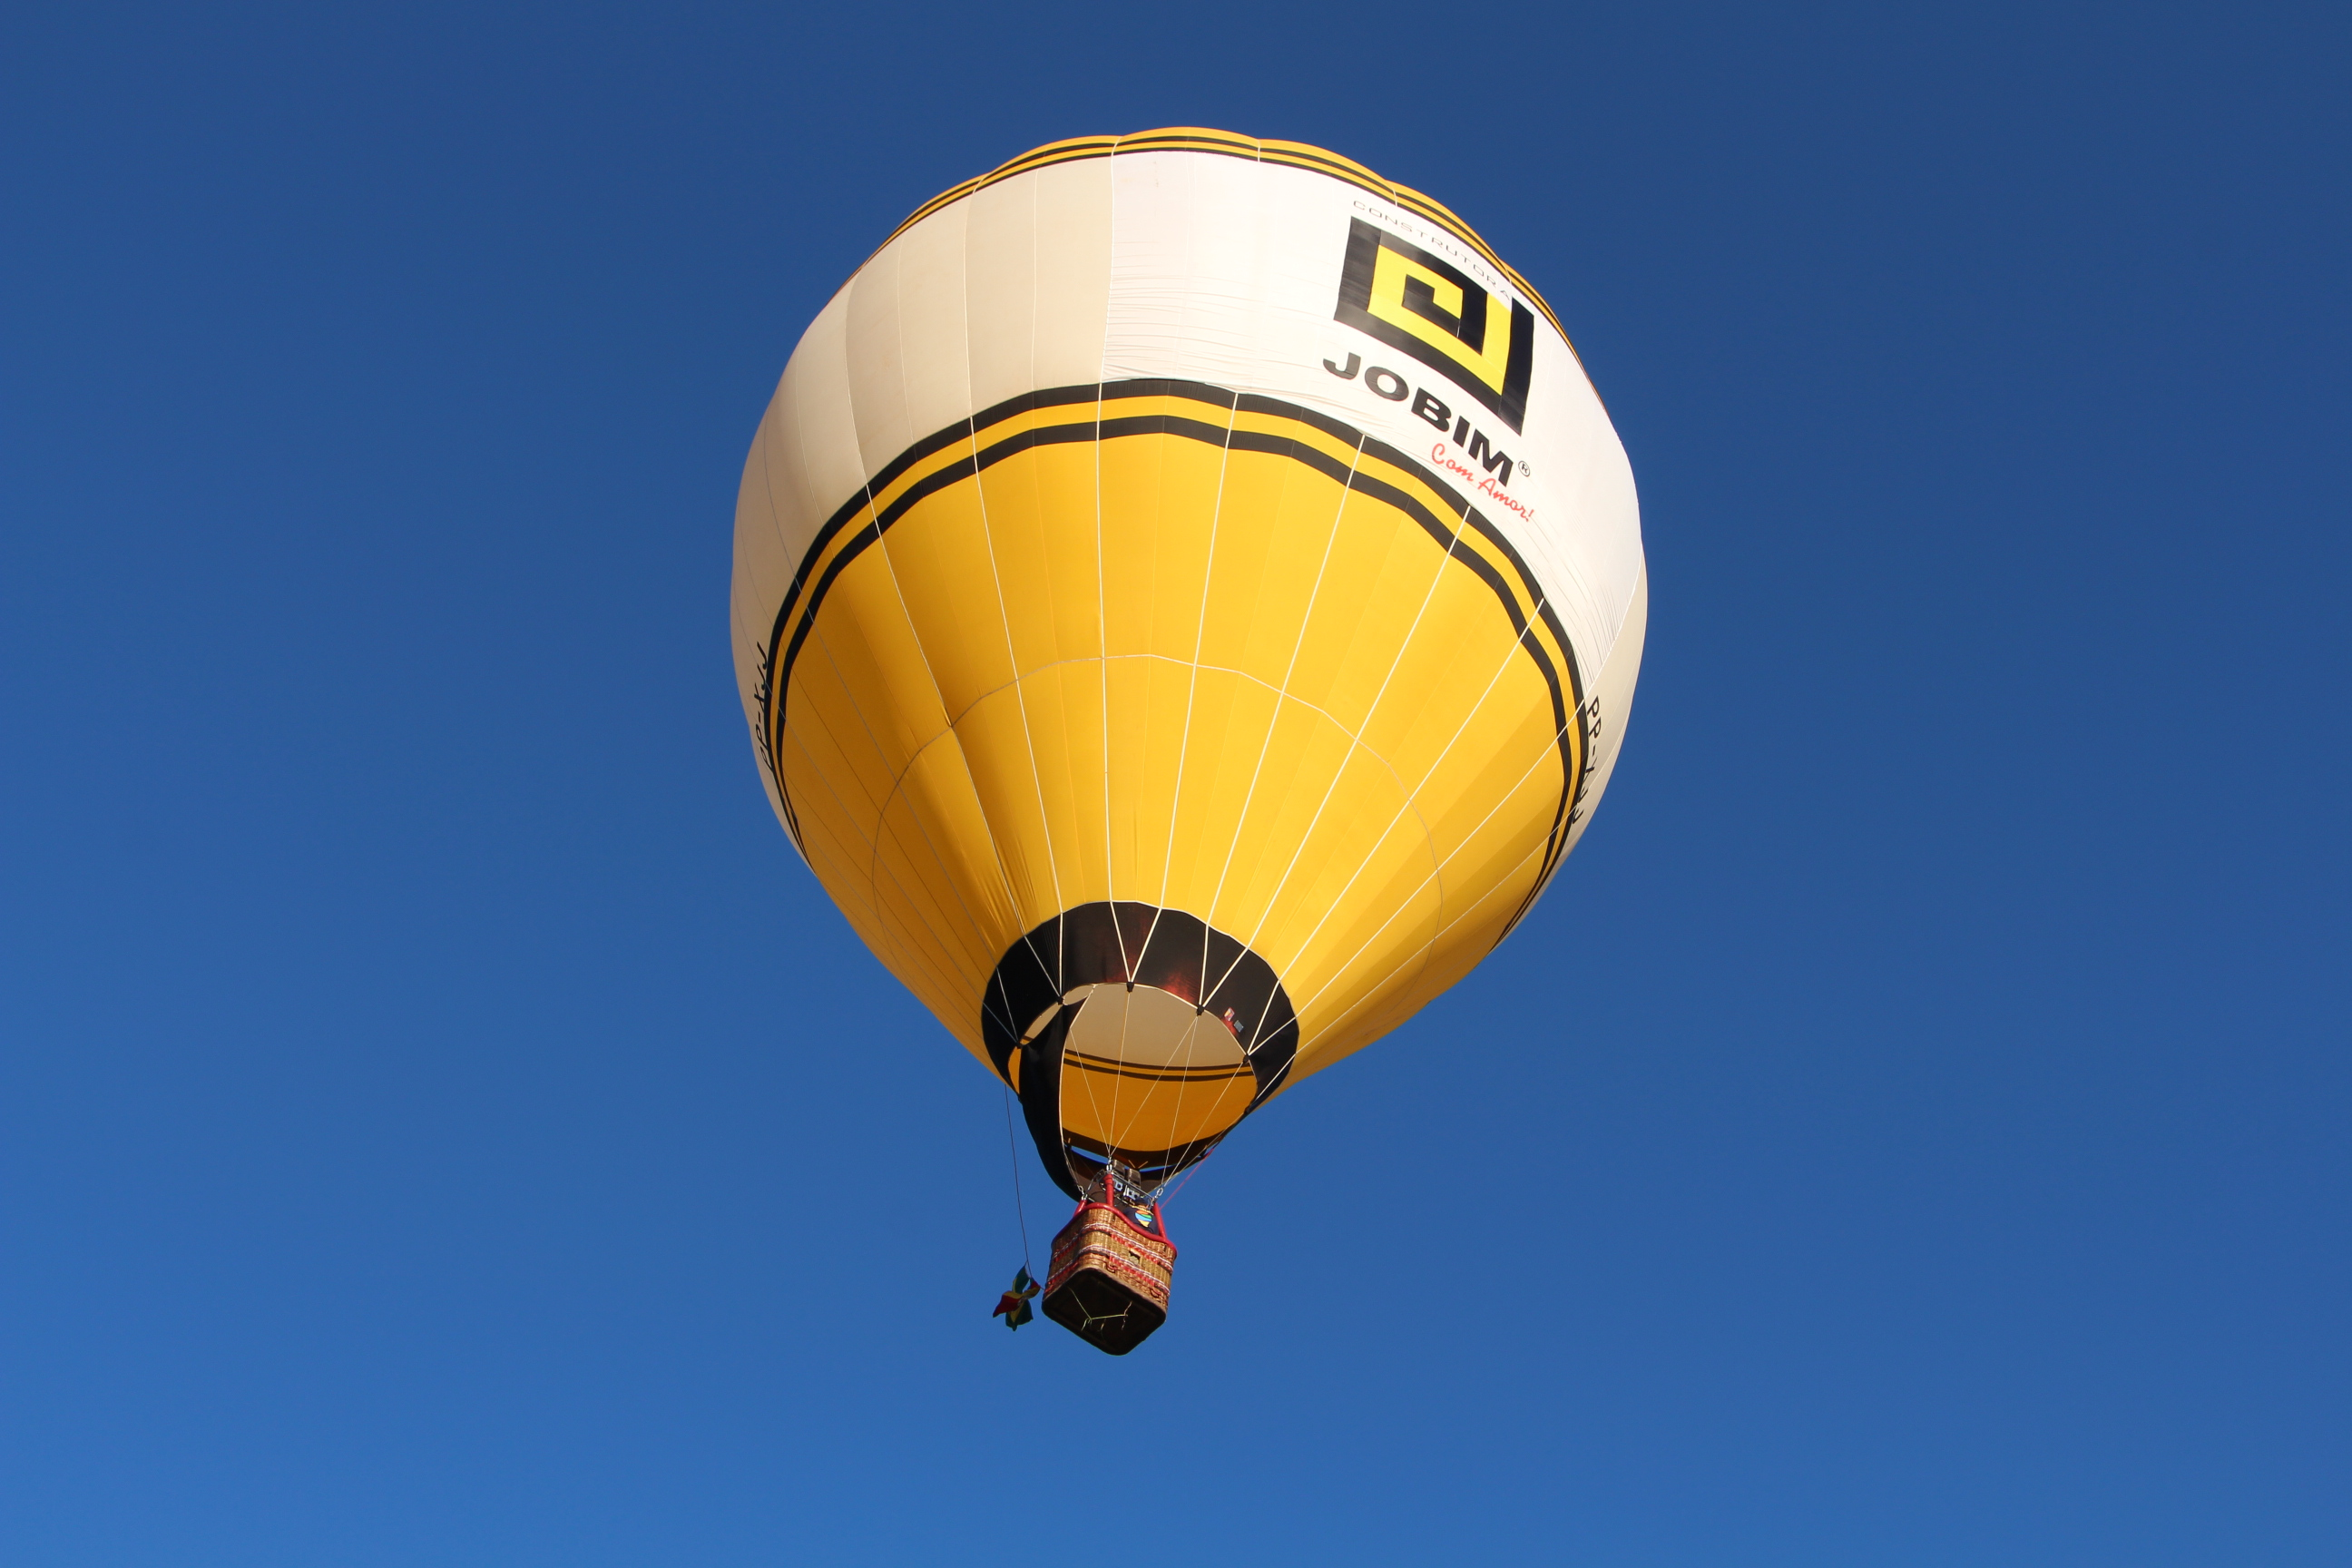 Balão da Construtora Jobim sobrevoa a cidade de Santa Maria no festival de Balonismo